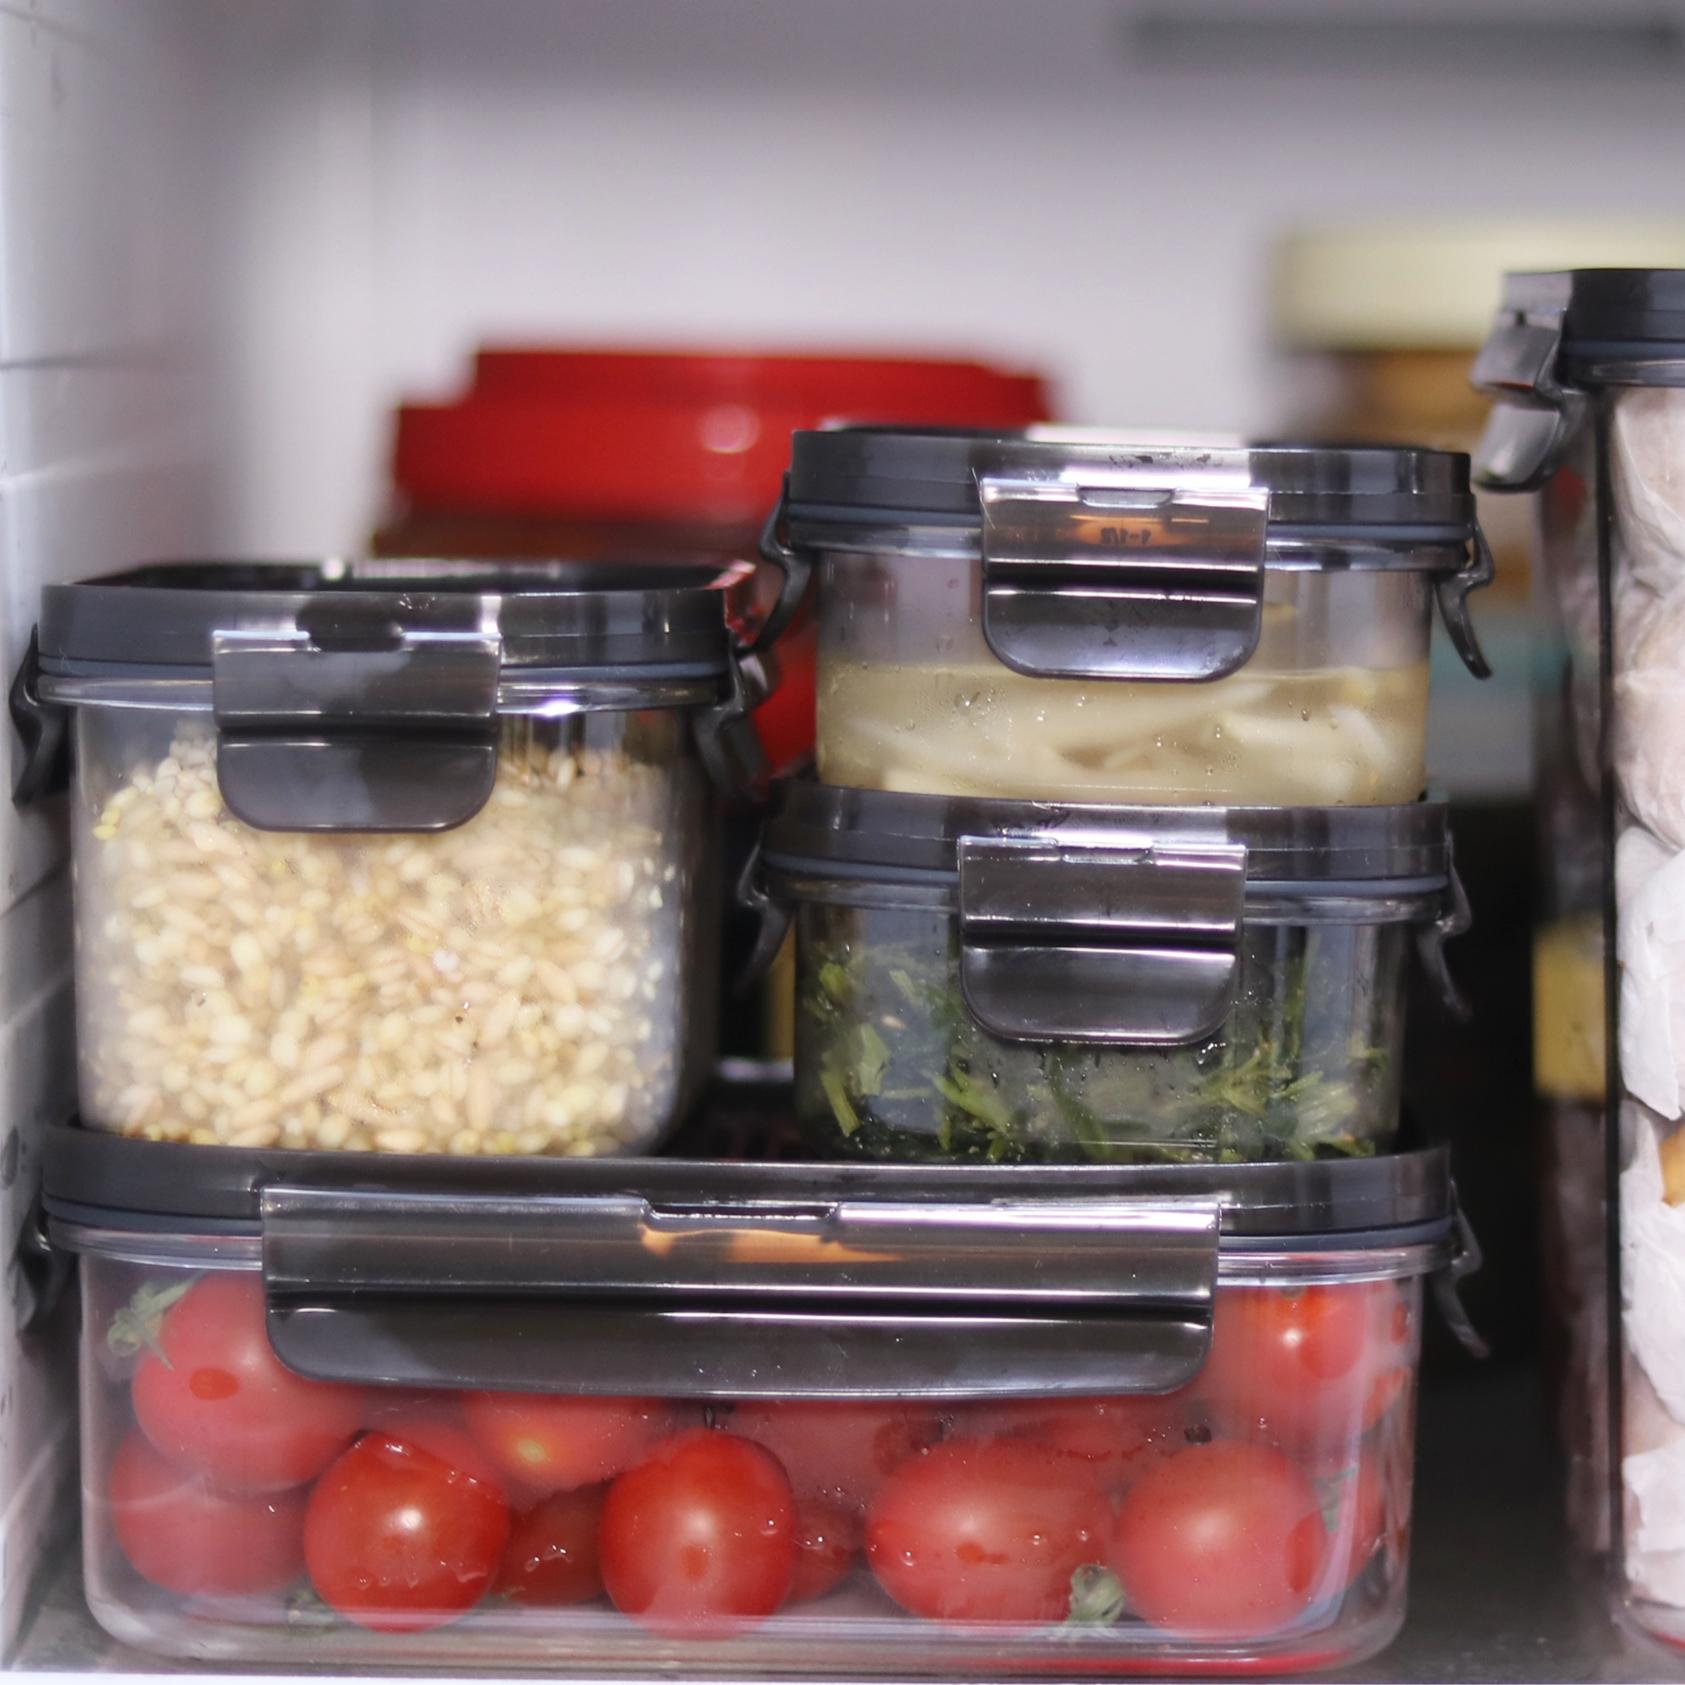 비스프리 모듈러로 냉장고정리 깔끔하게 끝 !